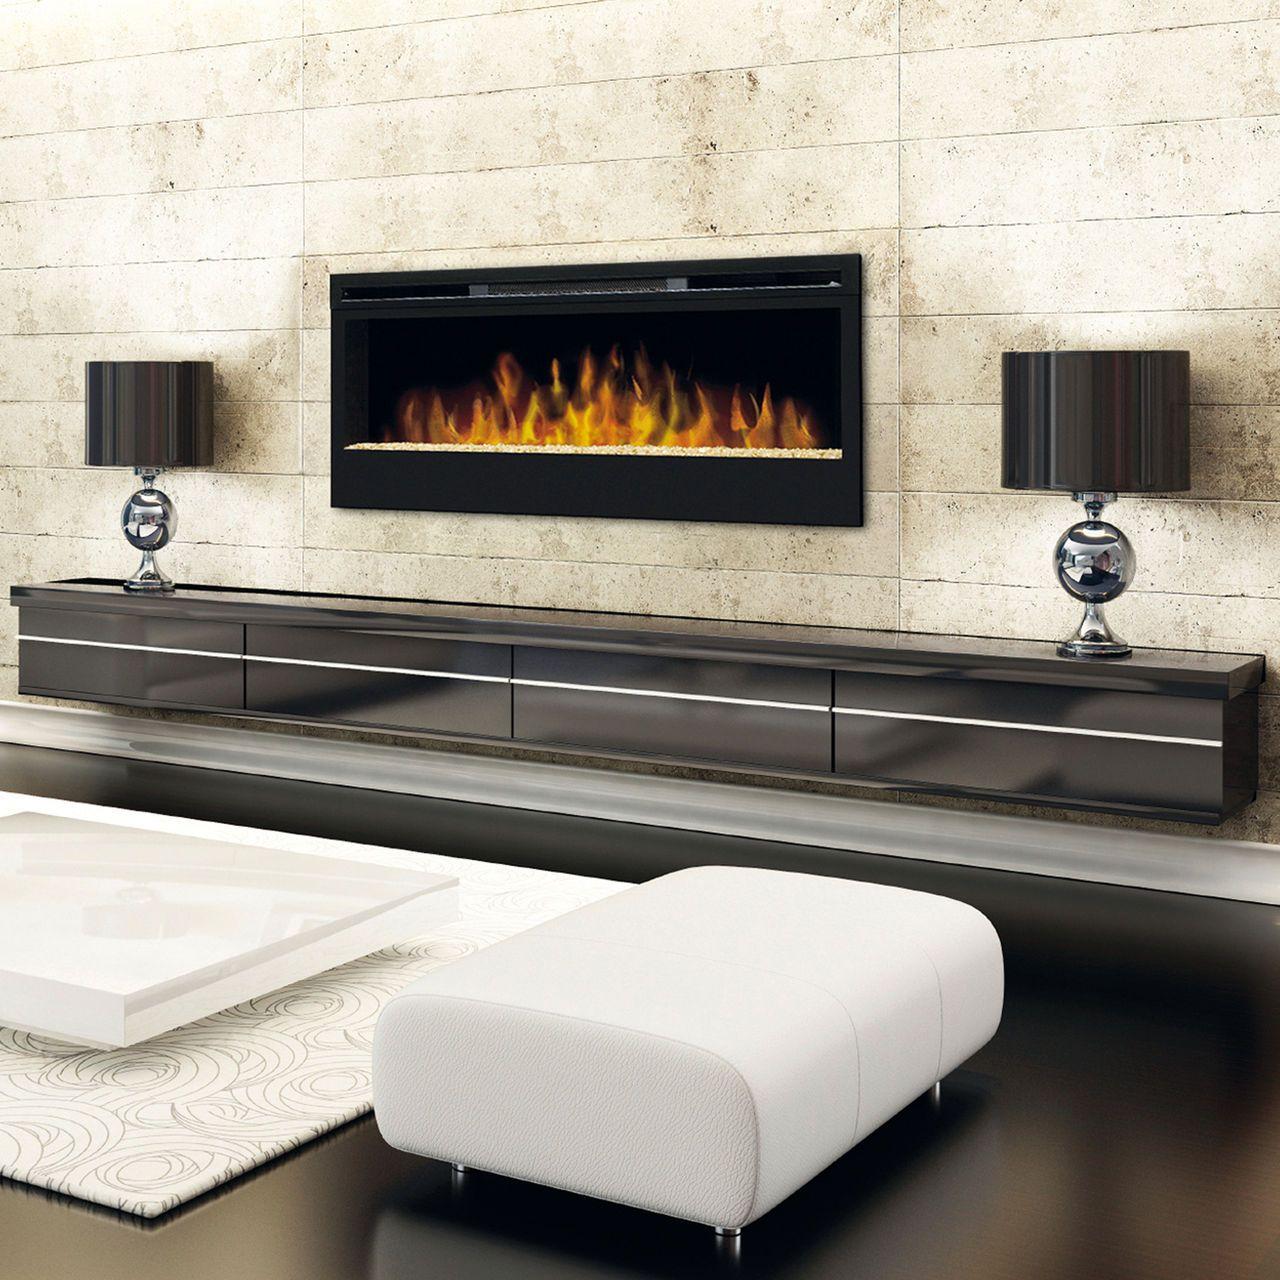 wandkamin synergy mit heizfunktion wohnen pinterest w nde kamin einbauen und elektrischer. Black Bedroom Furniture Sets. Home Design Ideas